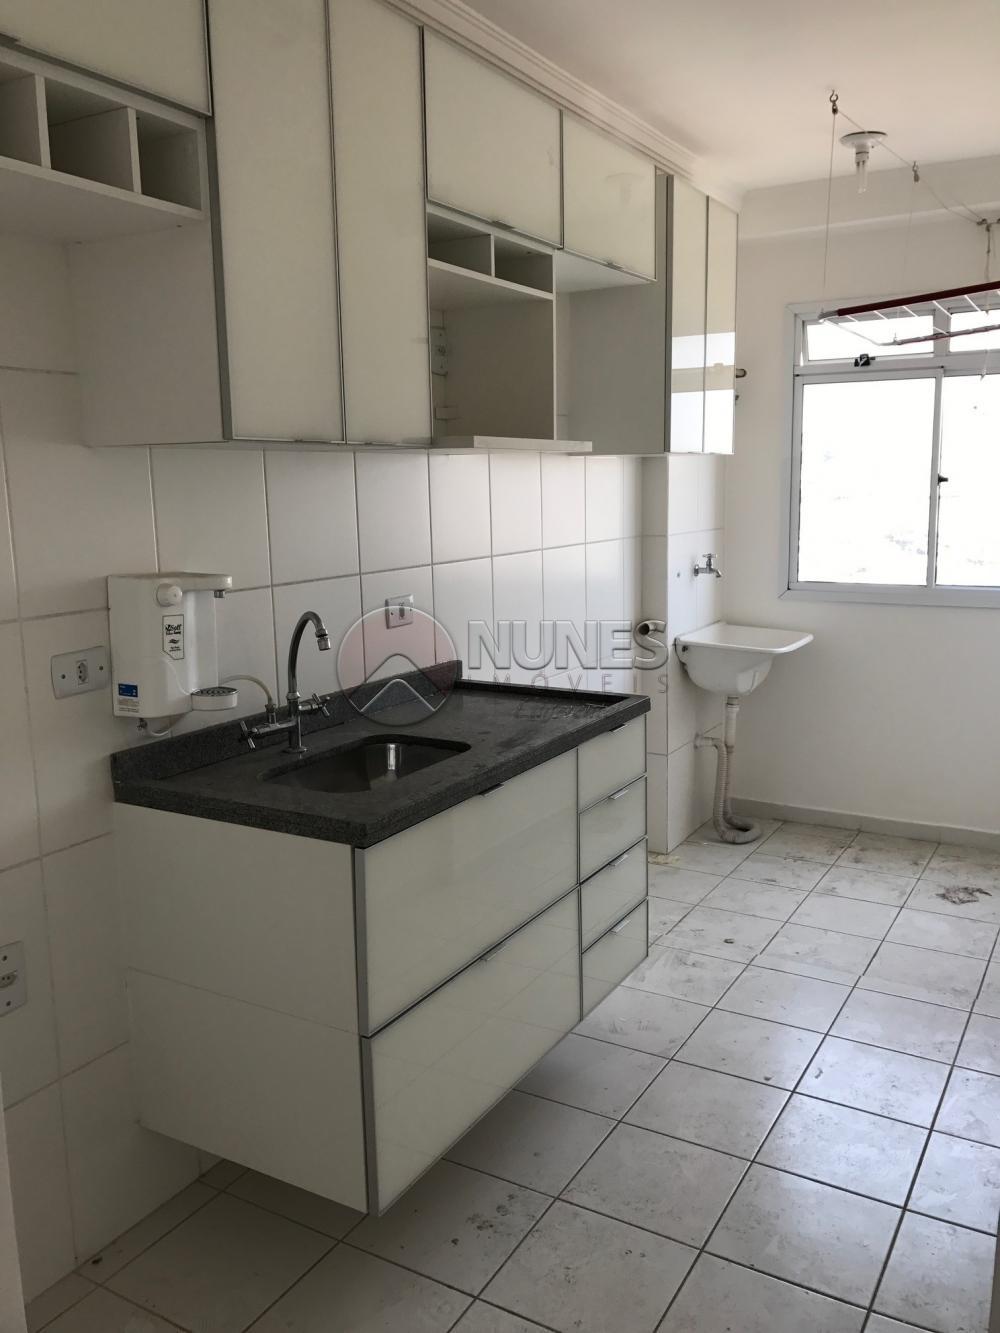 Comprar Apartamento / Padrão em Osasco apenas R$ 235.000,00 - Foto 4